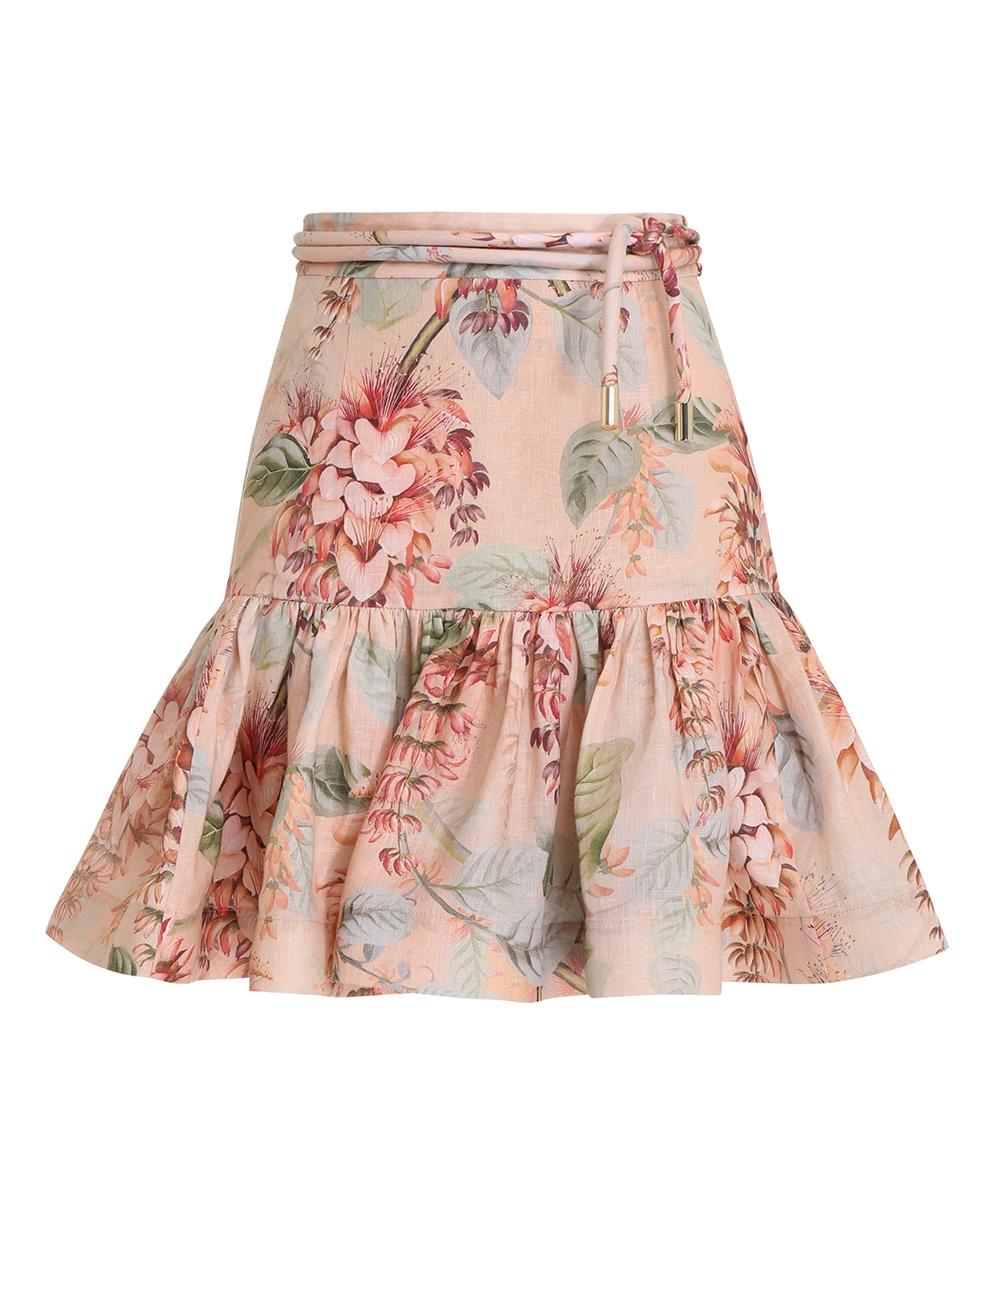 Candescent Flip Mini Skirt